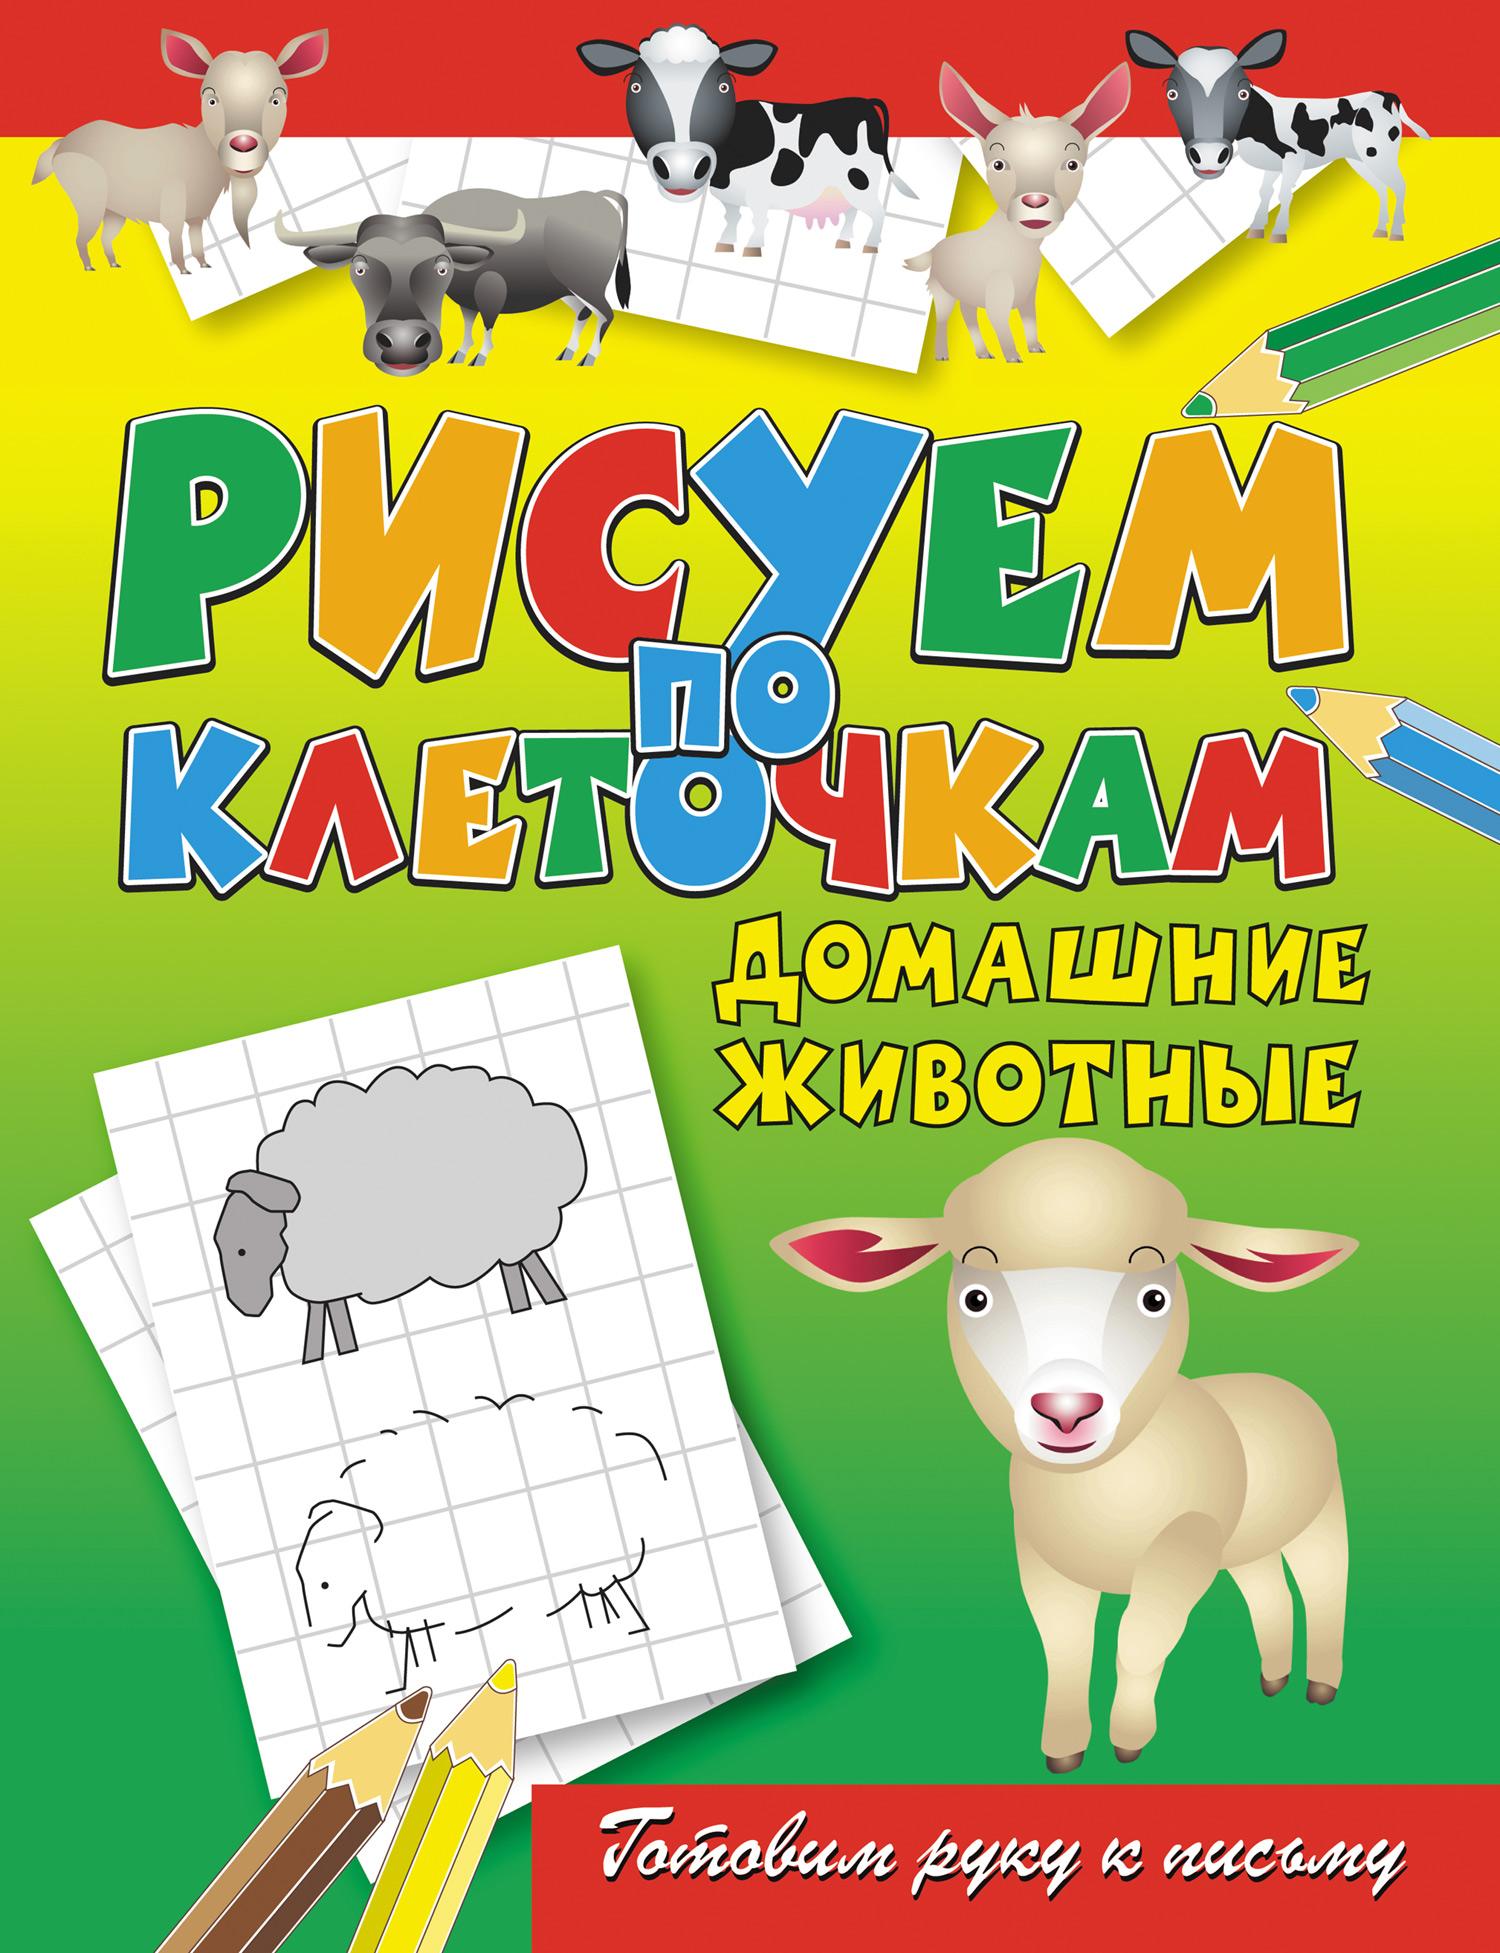 Виктор Зайцев Домашние животные виктор зайцев домашние животные